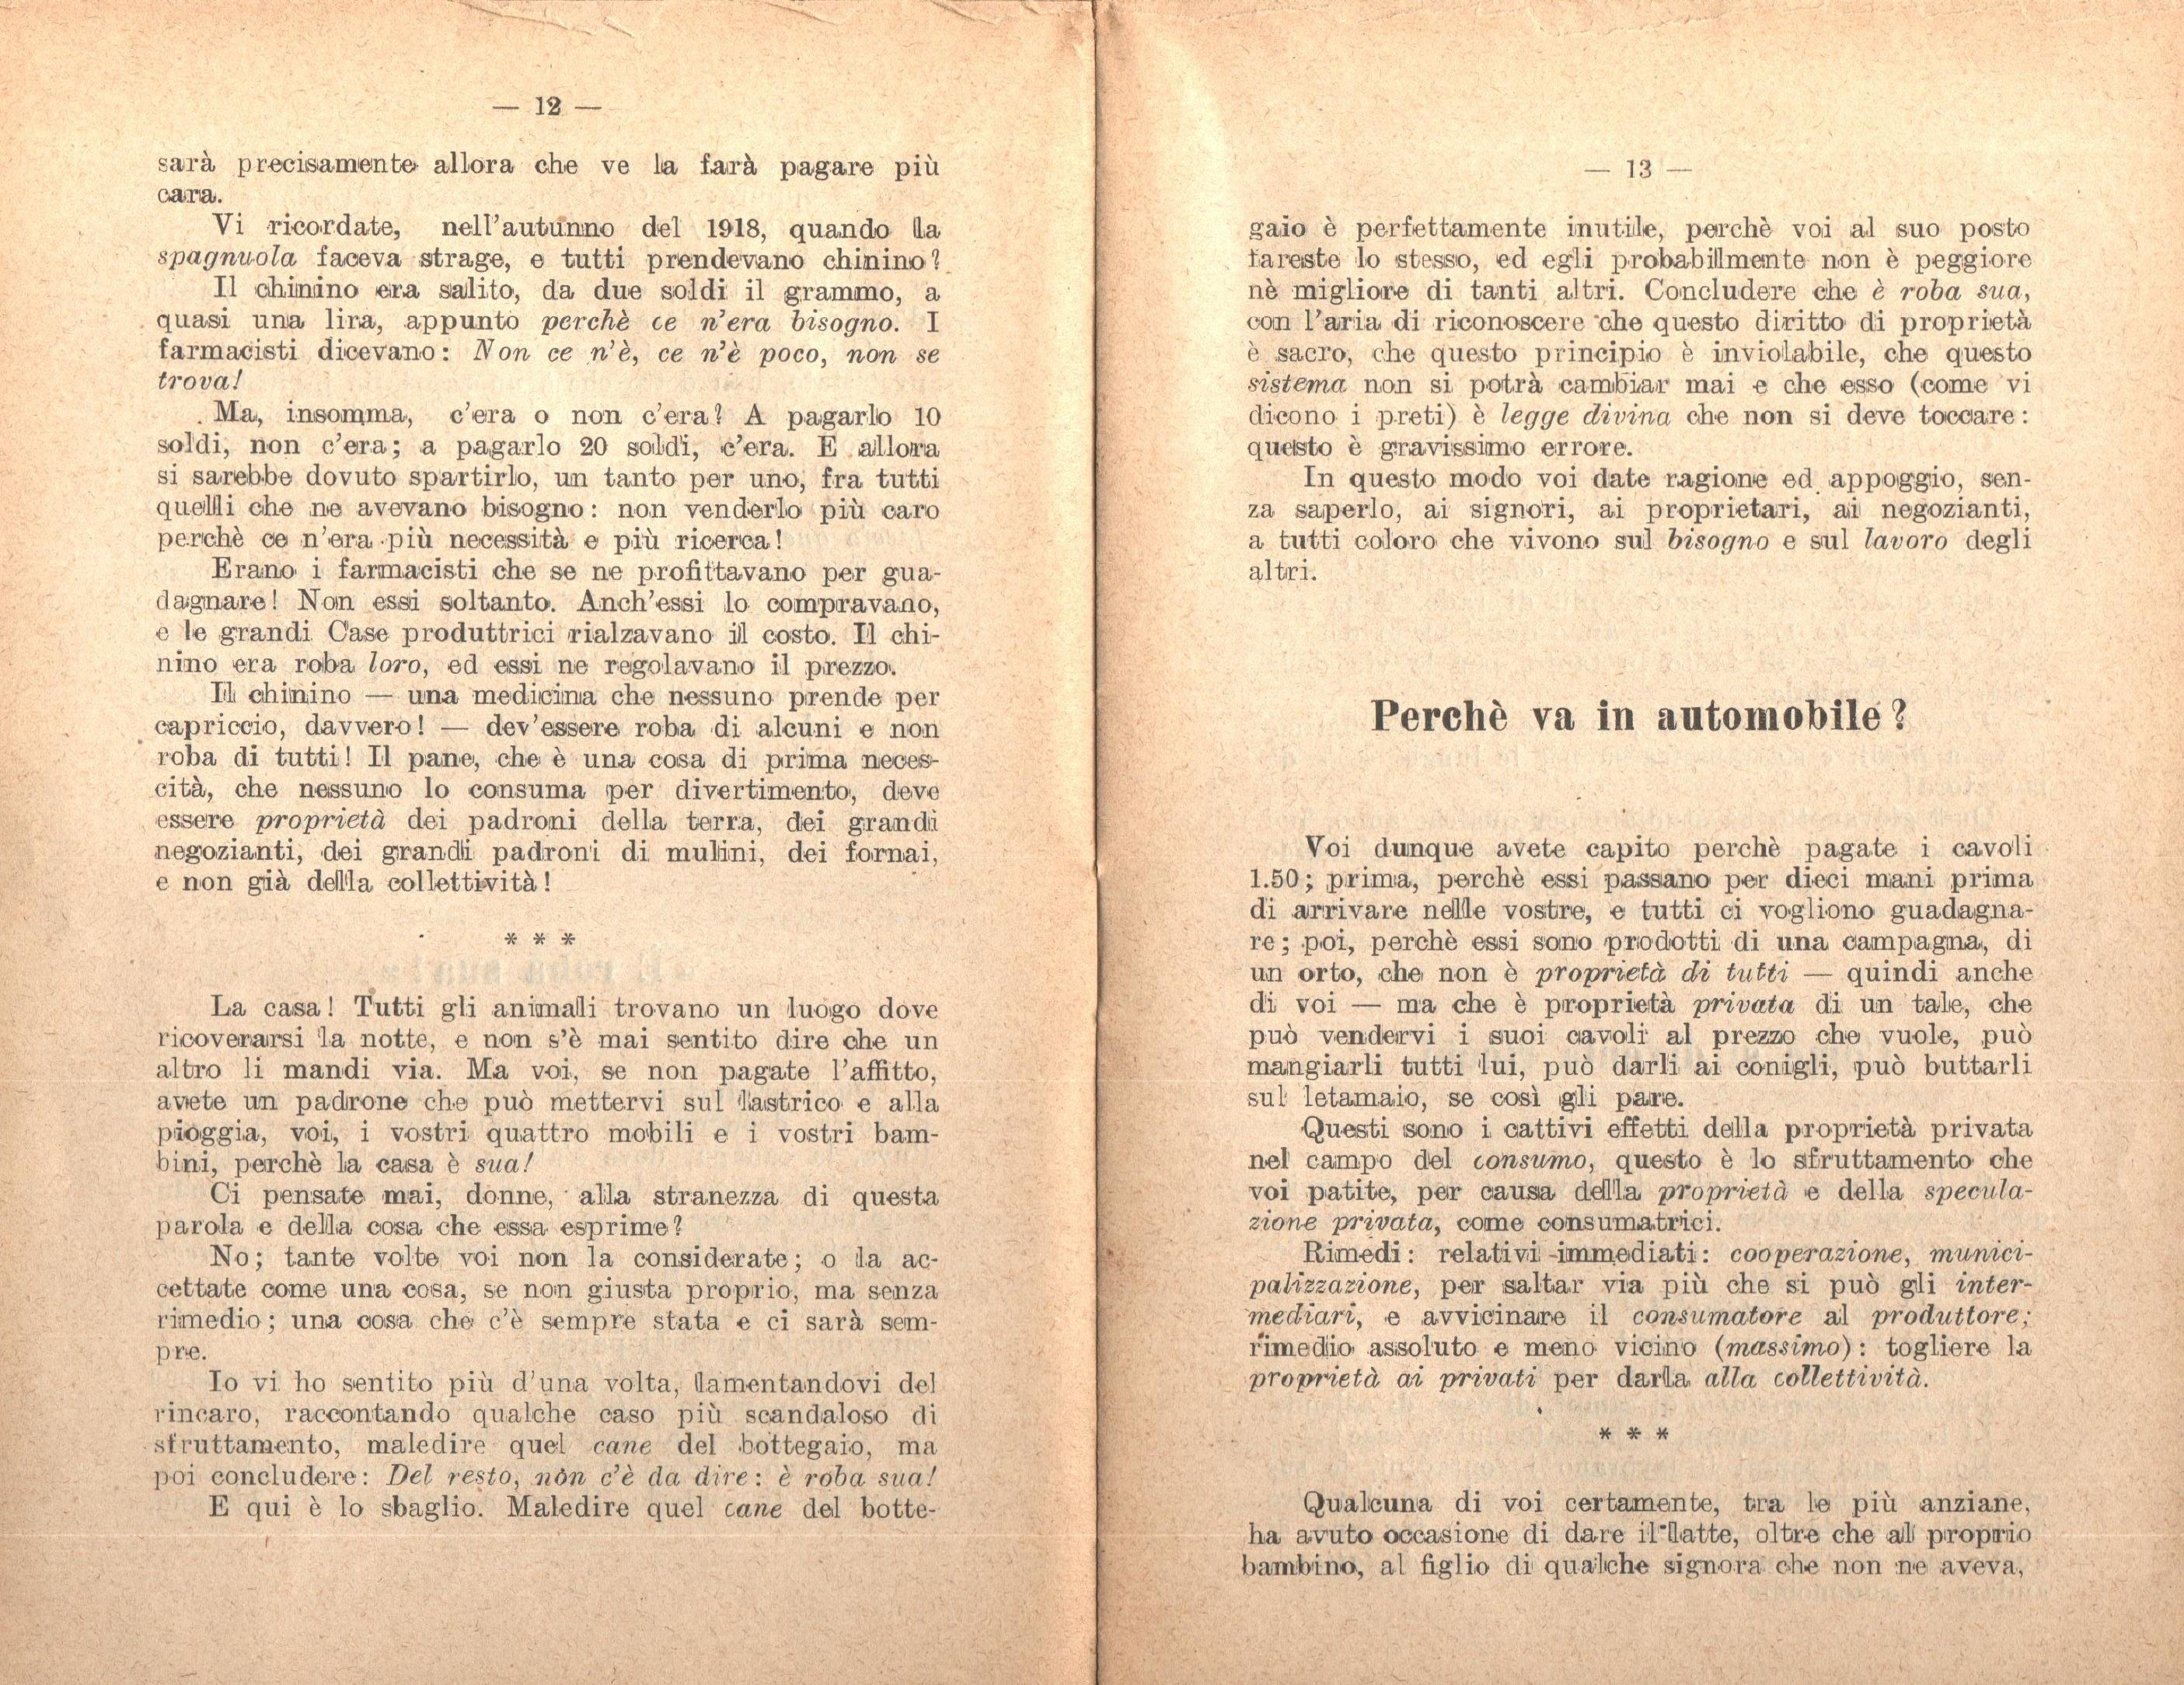 G. Zibordi, Alle donne - pag. 8